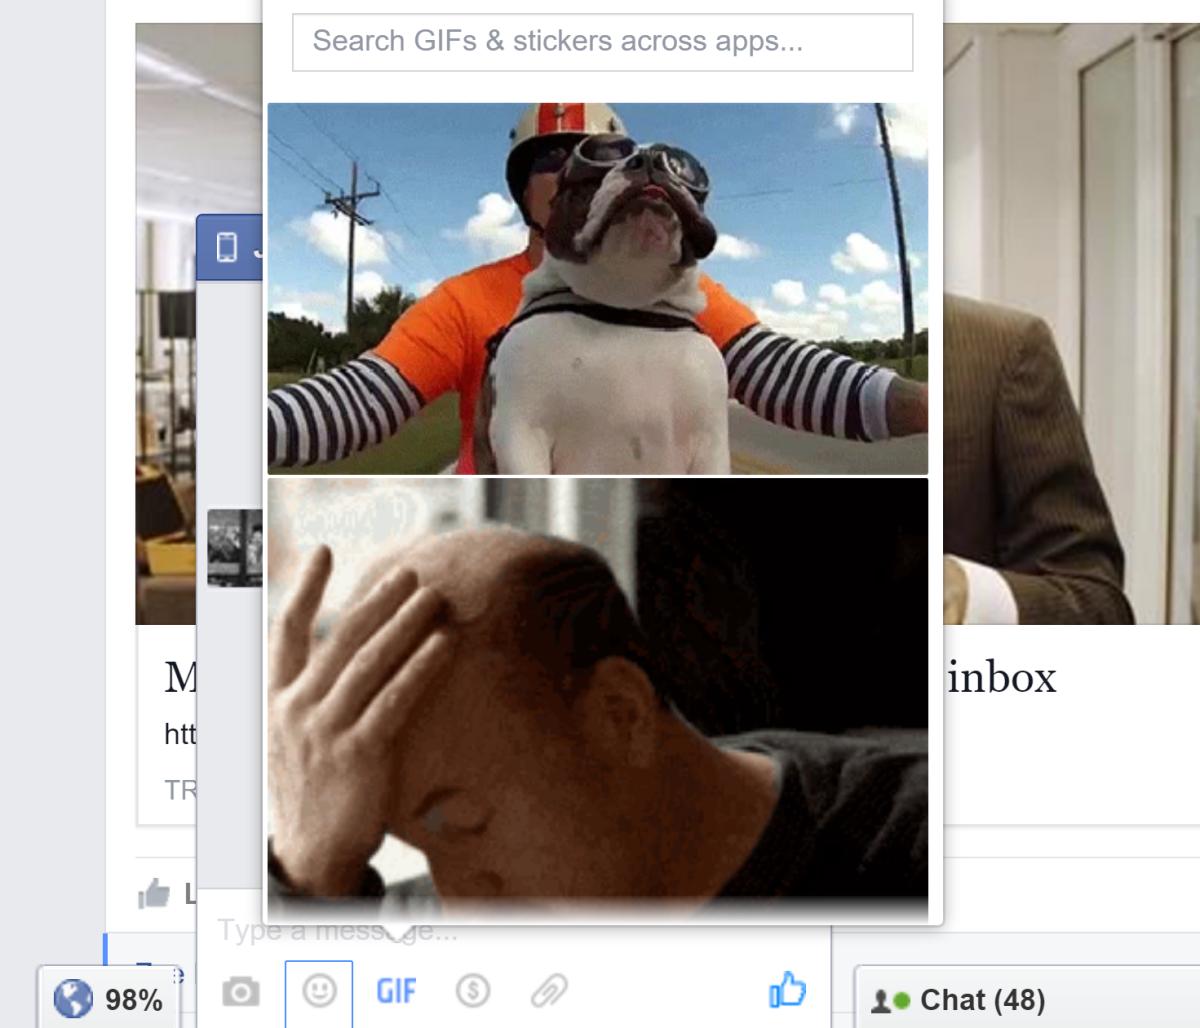 http://cdn1.tnwcdn.com/wp-content/blogs.dir/1/files/2015/10/Facebook-messenger-new-chat-UI-2-1200x1028.png